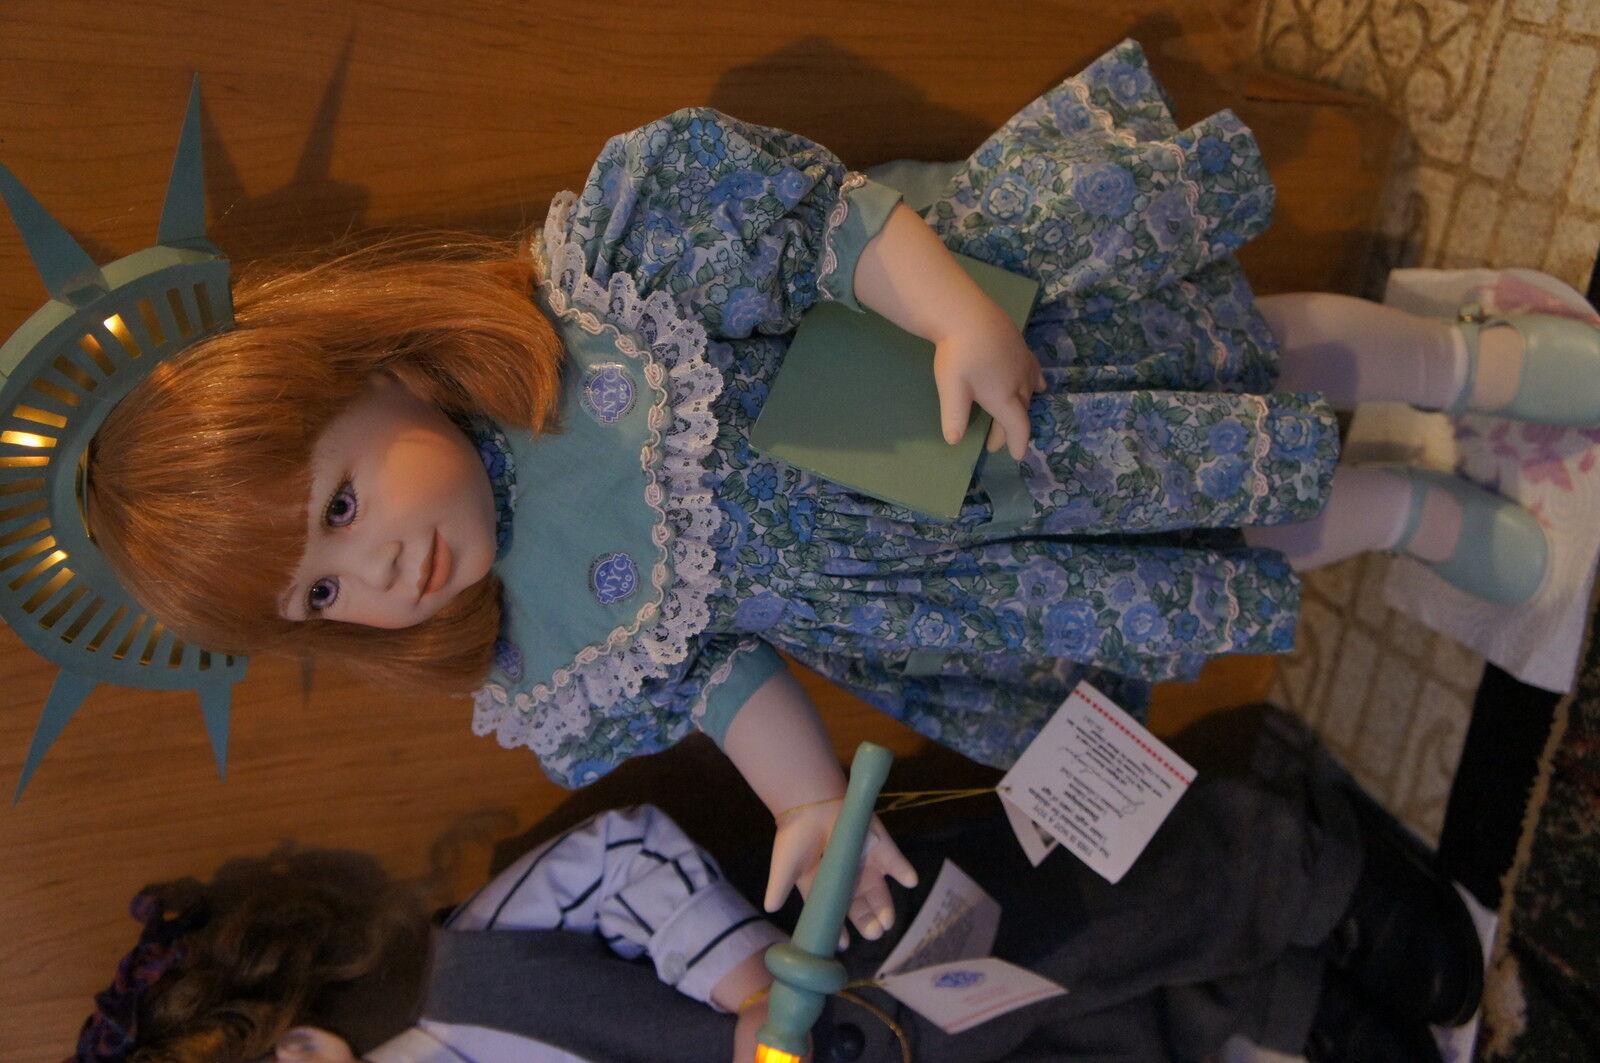 Porcelian Dolls to Celebrate New York 100 100 York Centennial in 1998 - Jeanne Singer 1af872